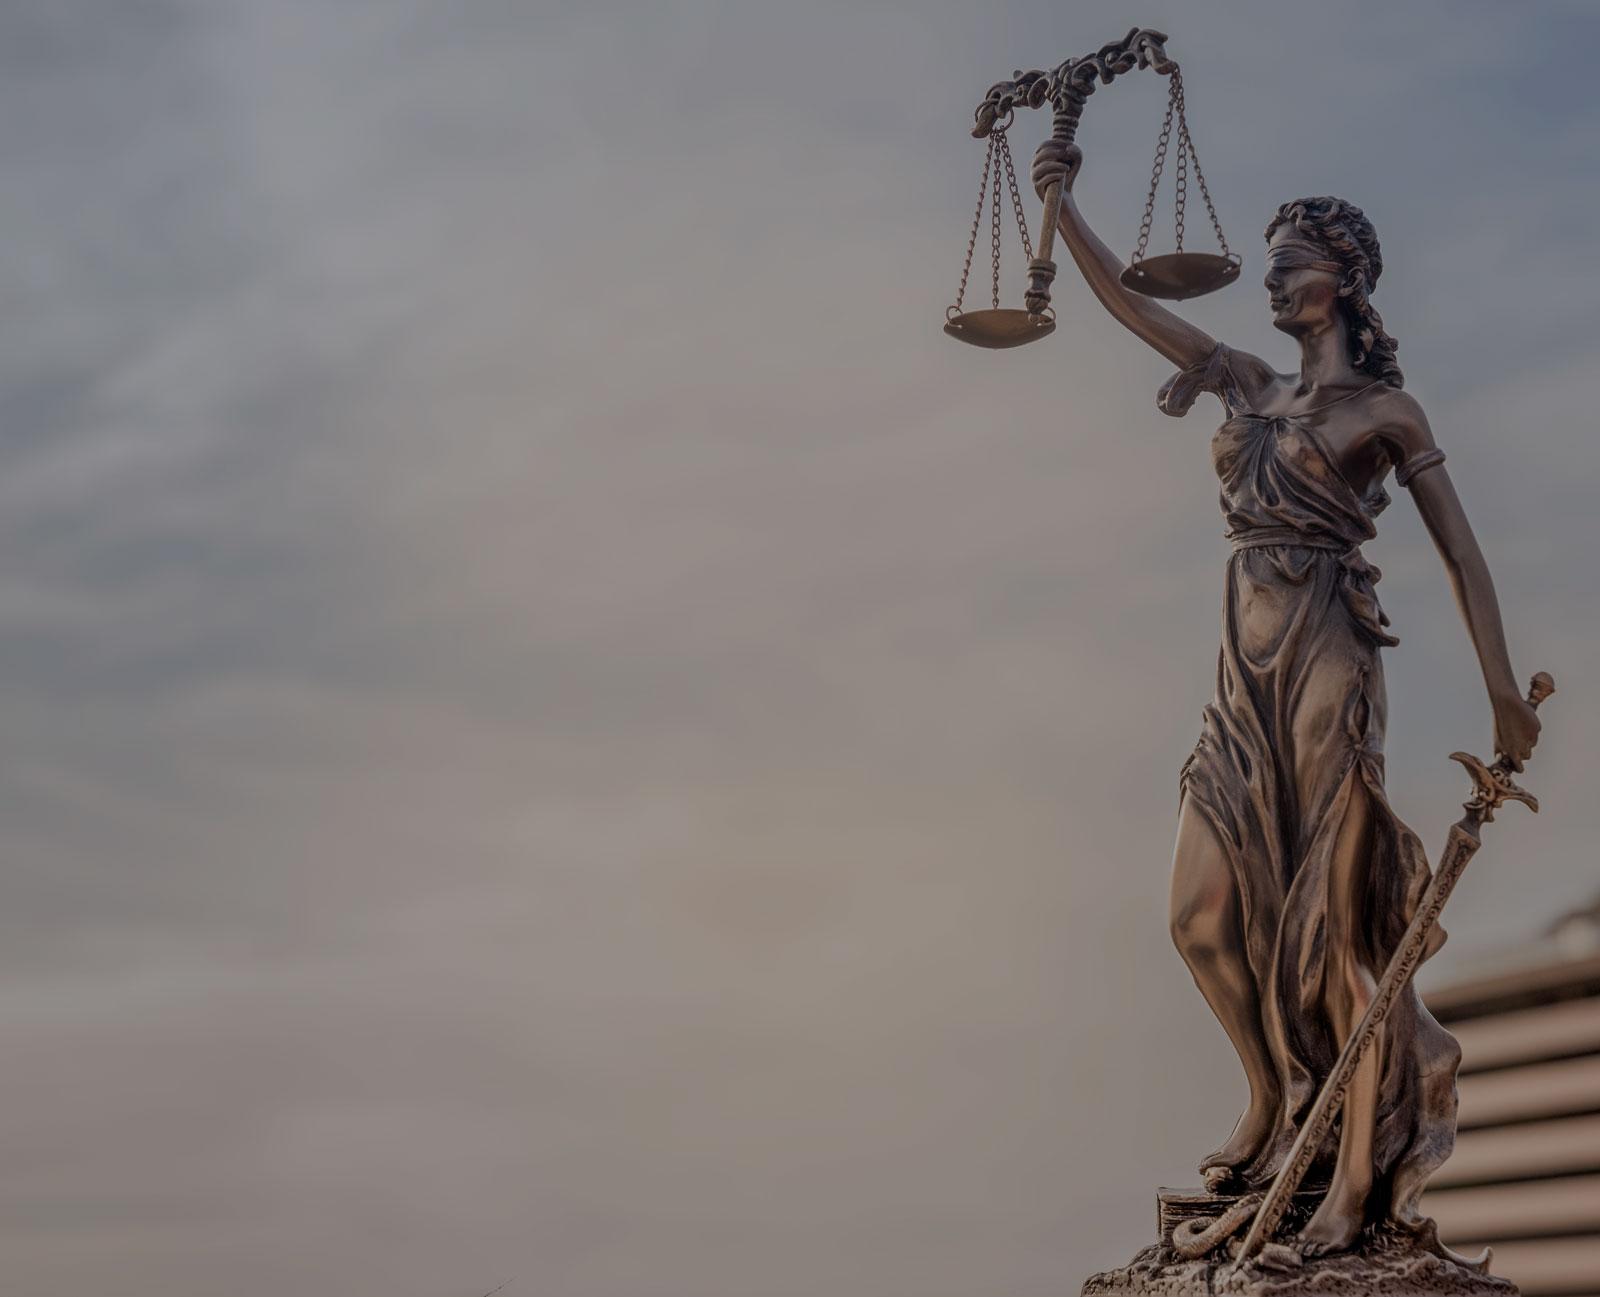 Estátua da justiça com venda nos olhos, balança na mão direita levantada e espada na mão esquerda em posição de descanso.